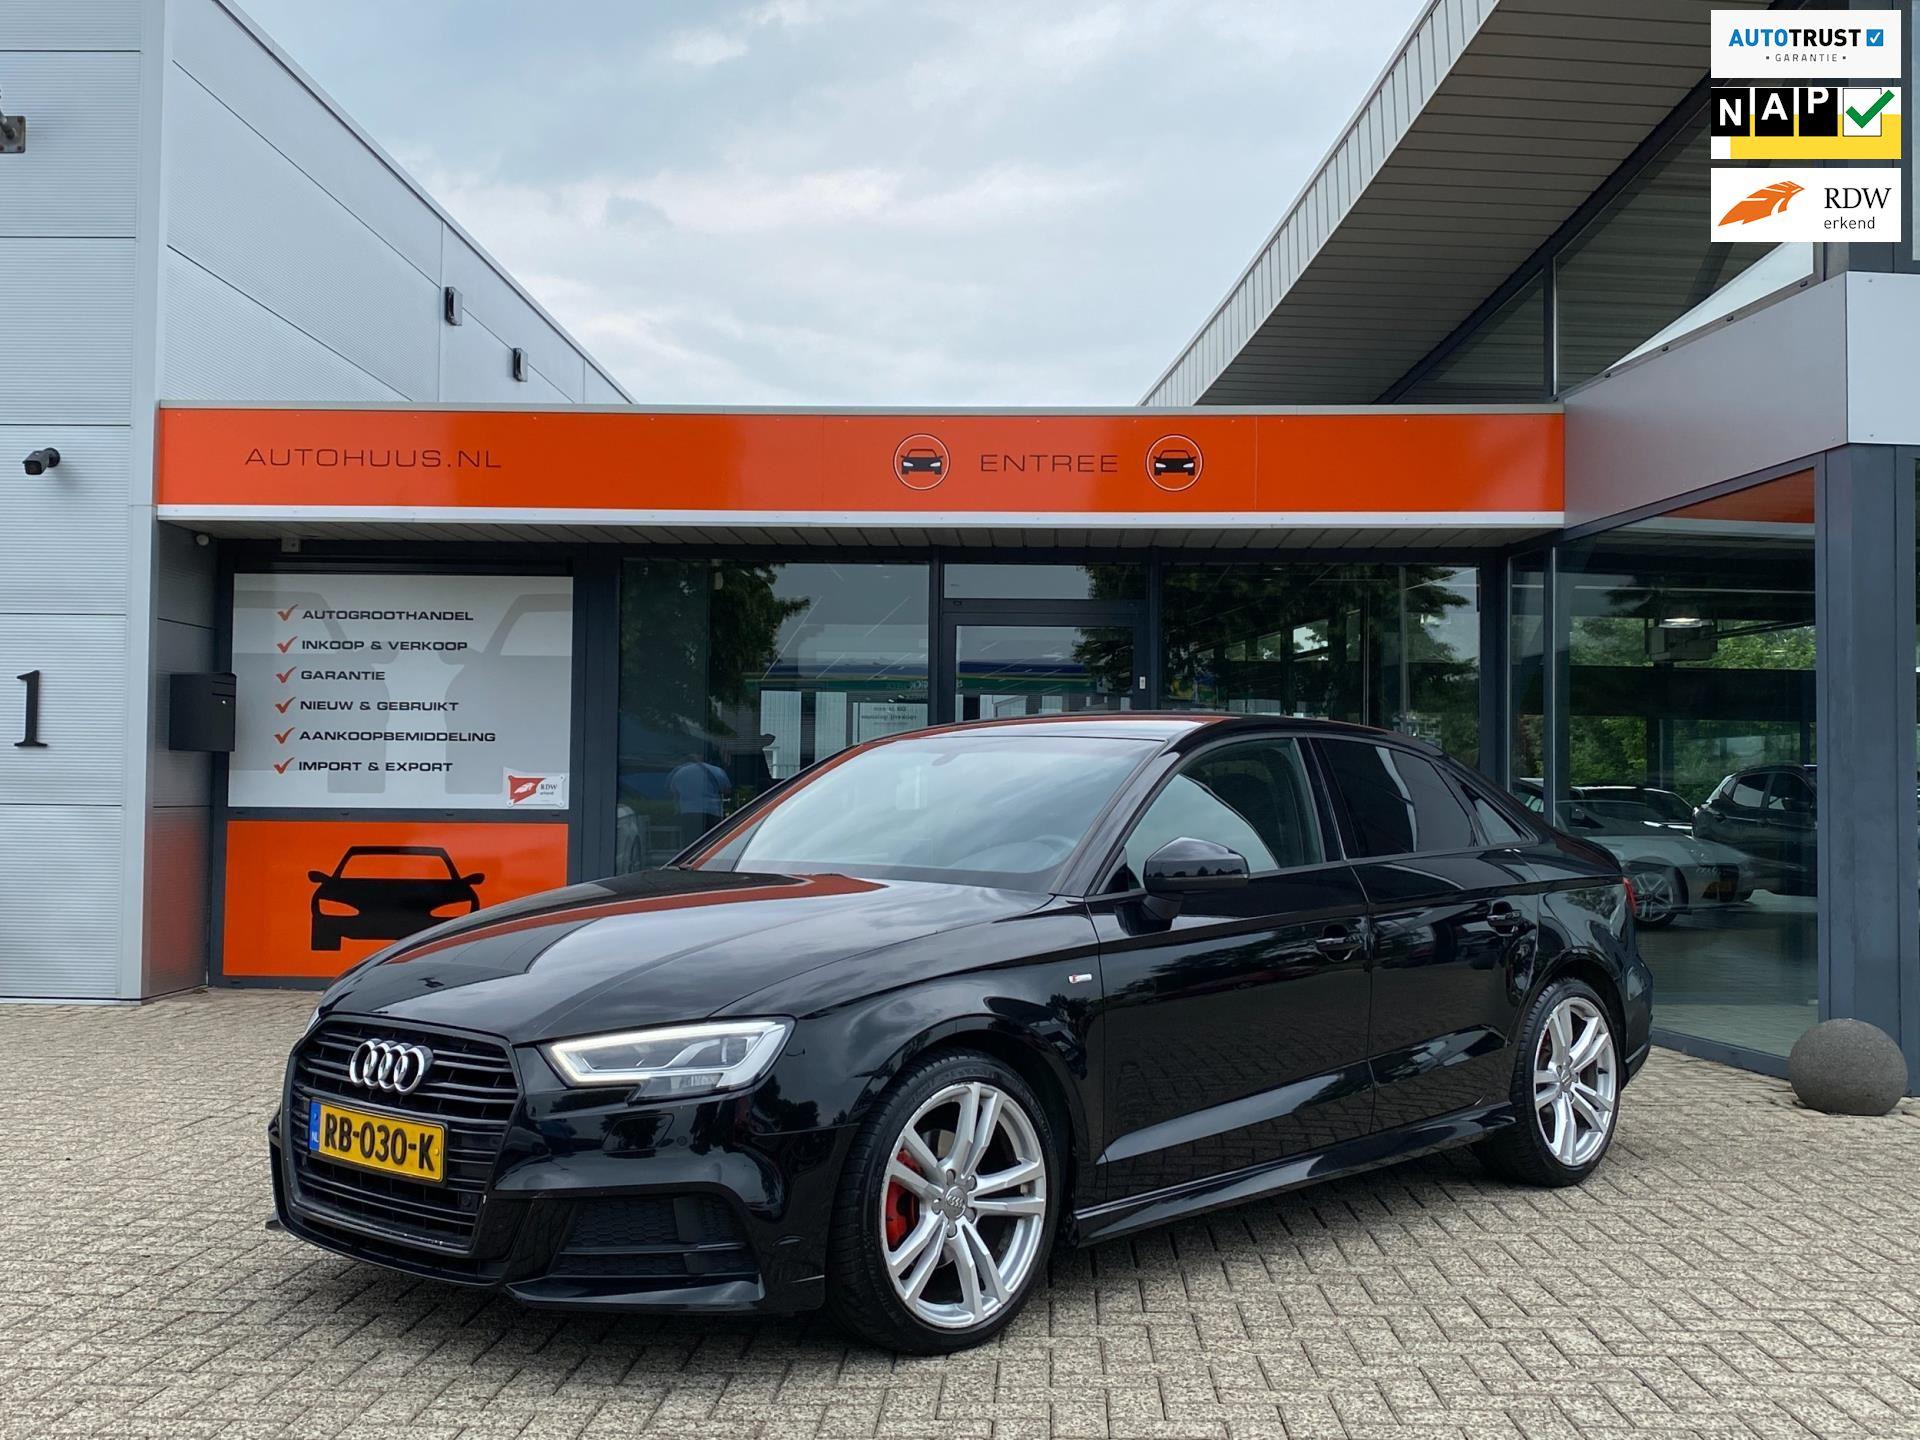 Audi A3 Limousine occasion - Autohuus B.V.